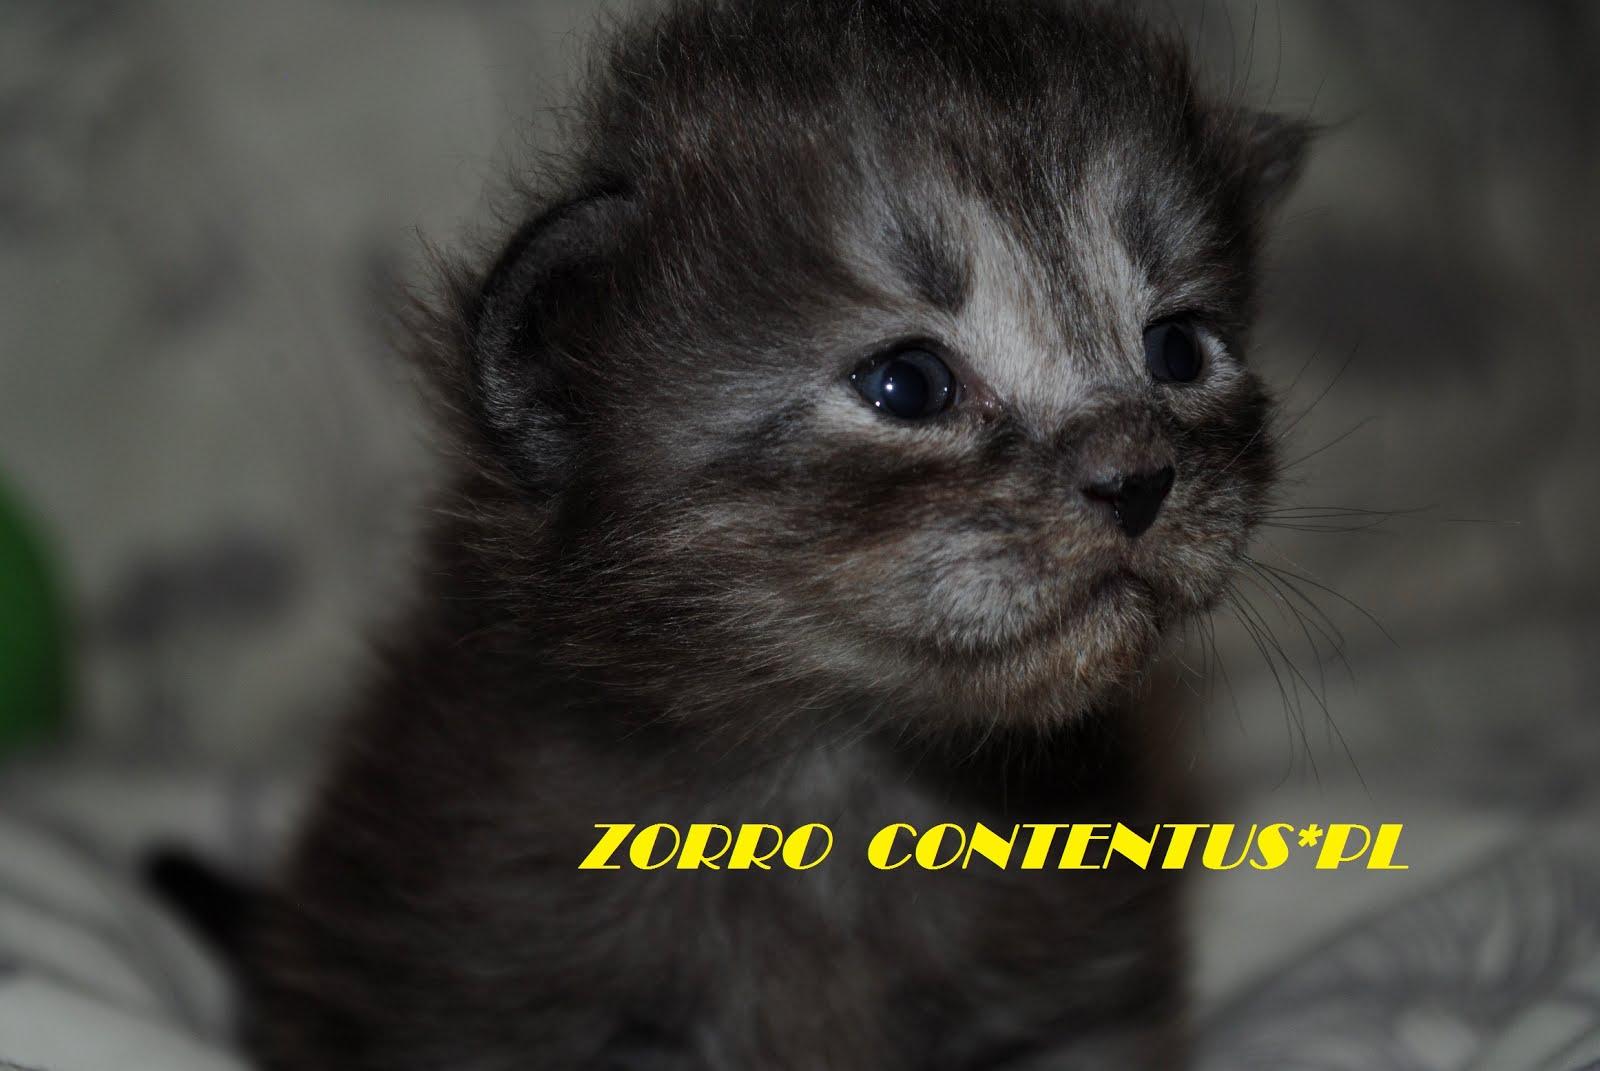 ZORRO Contentus*PL